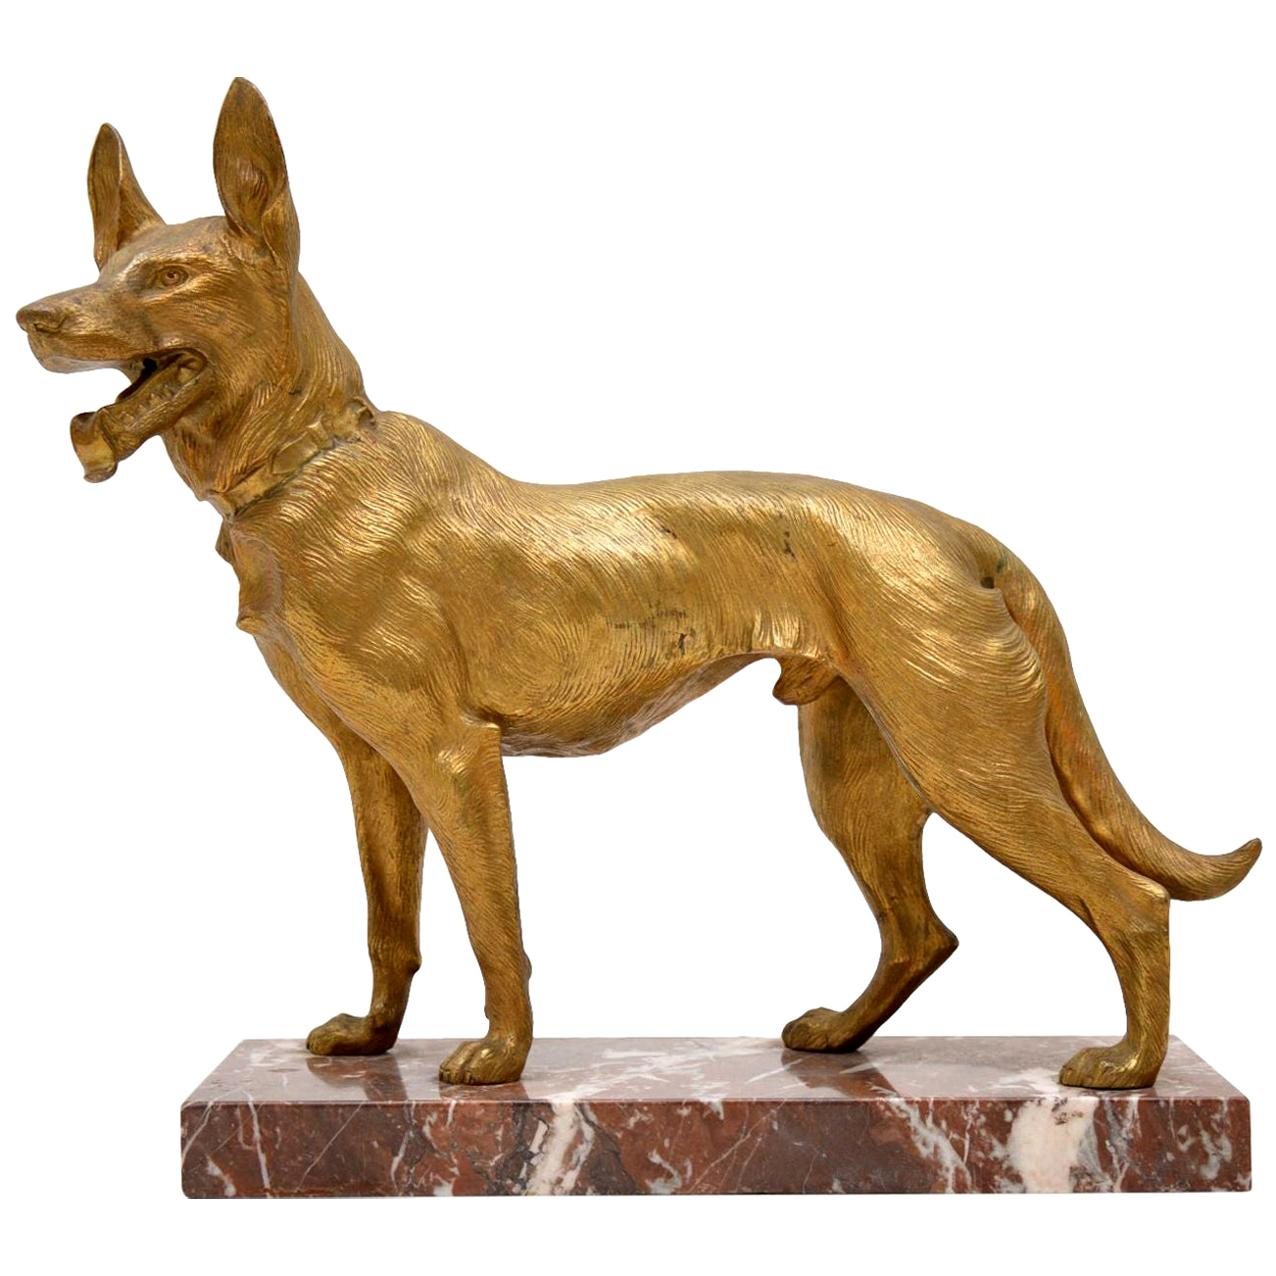 Large Antique Gilt Bronze Dog Sculpture by Robert Bousquet